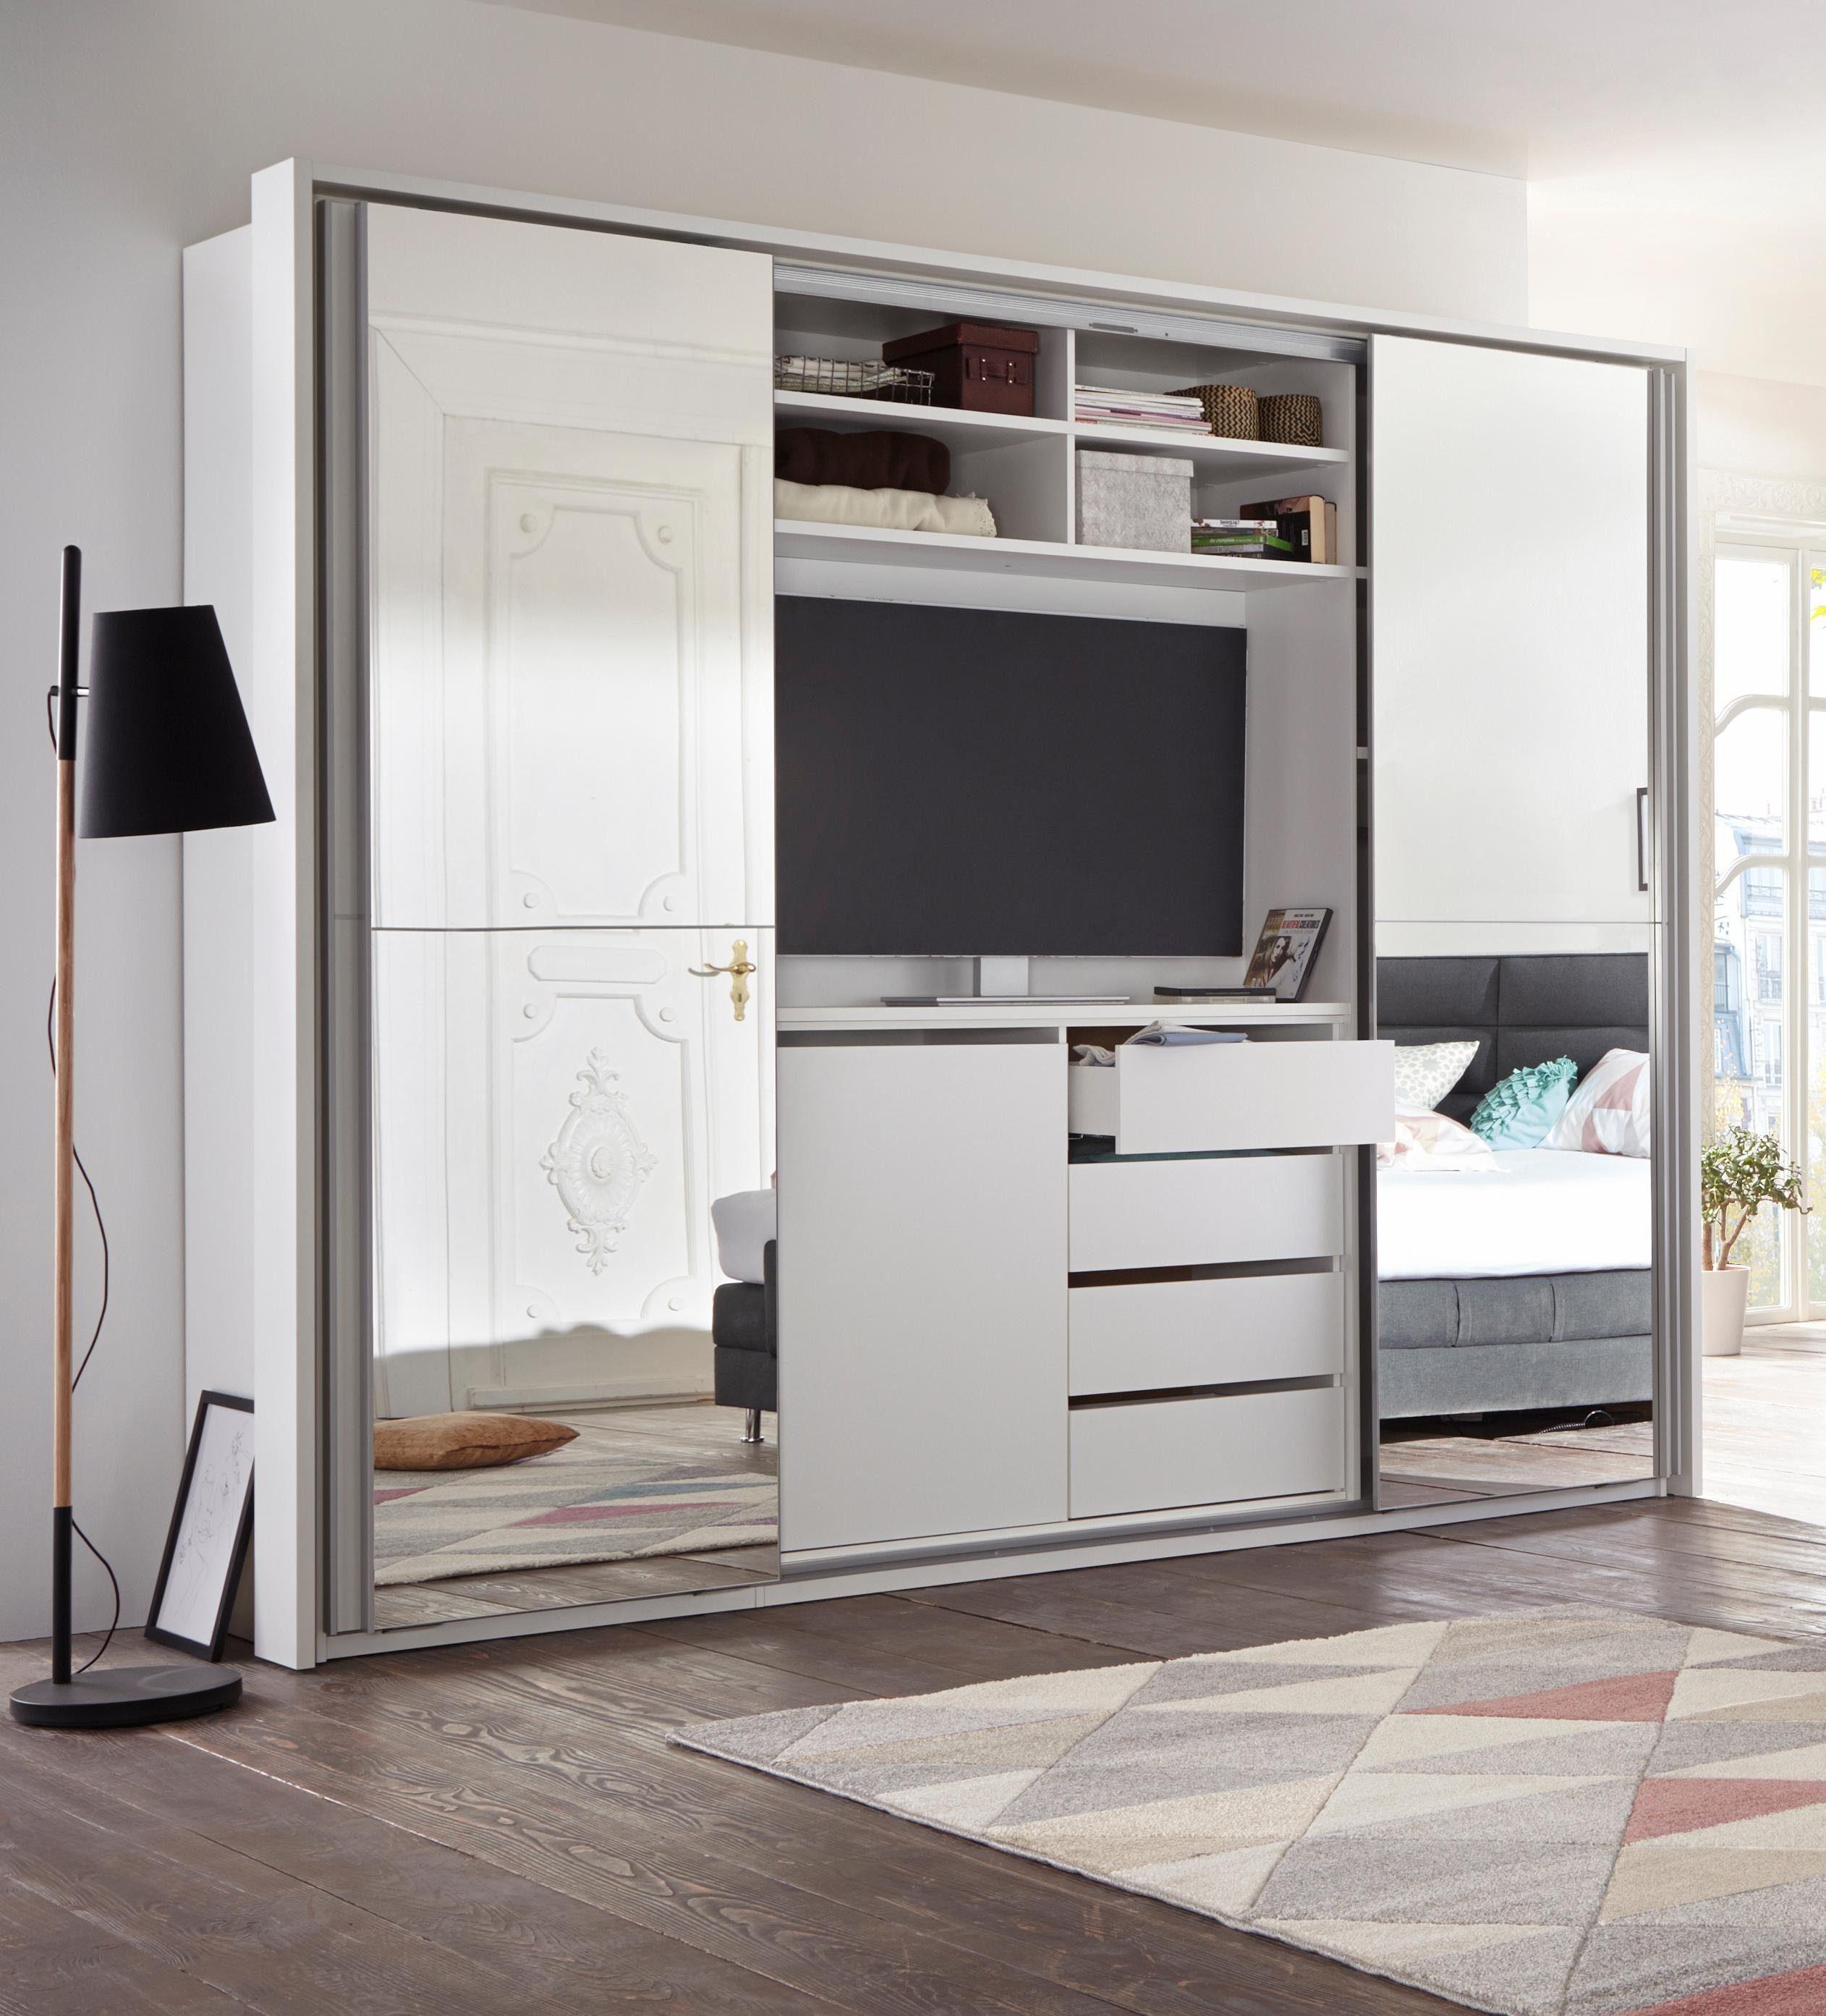 Ordentlich Schwebetürenschrank mit TV-Fach und Spiegel kaufen | OTTO KR72